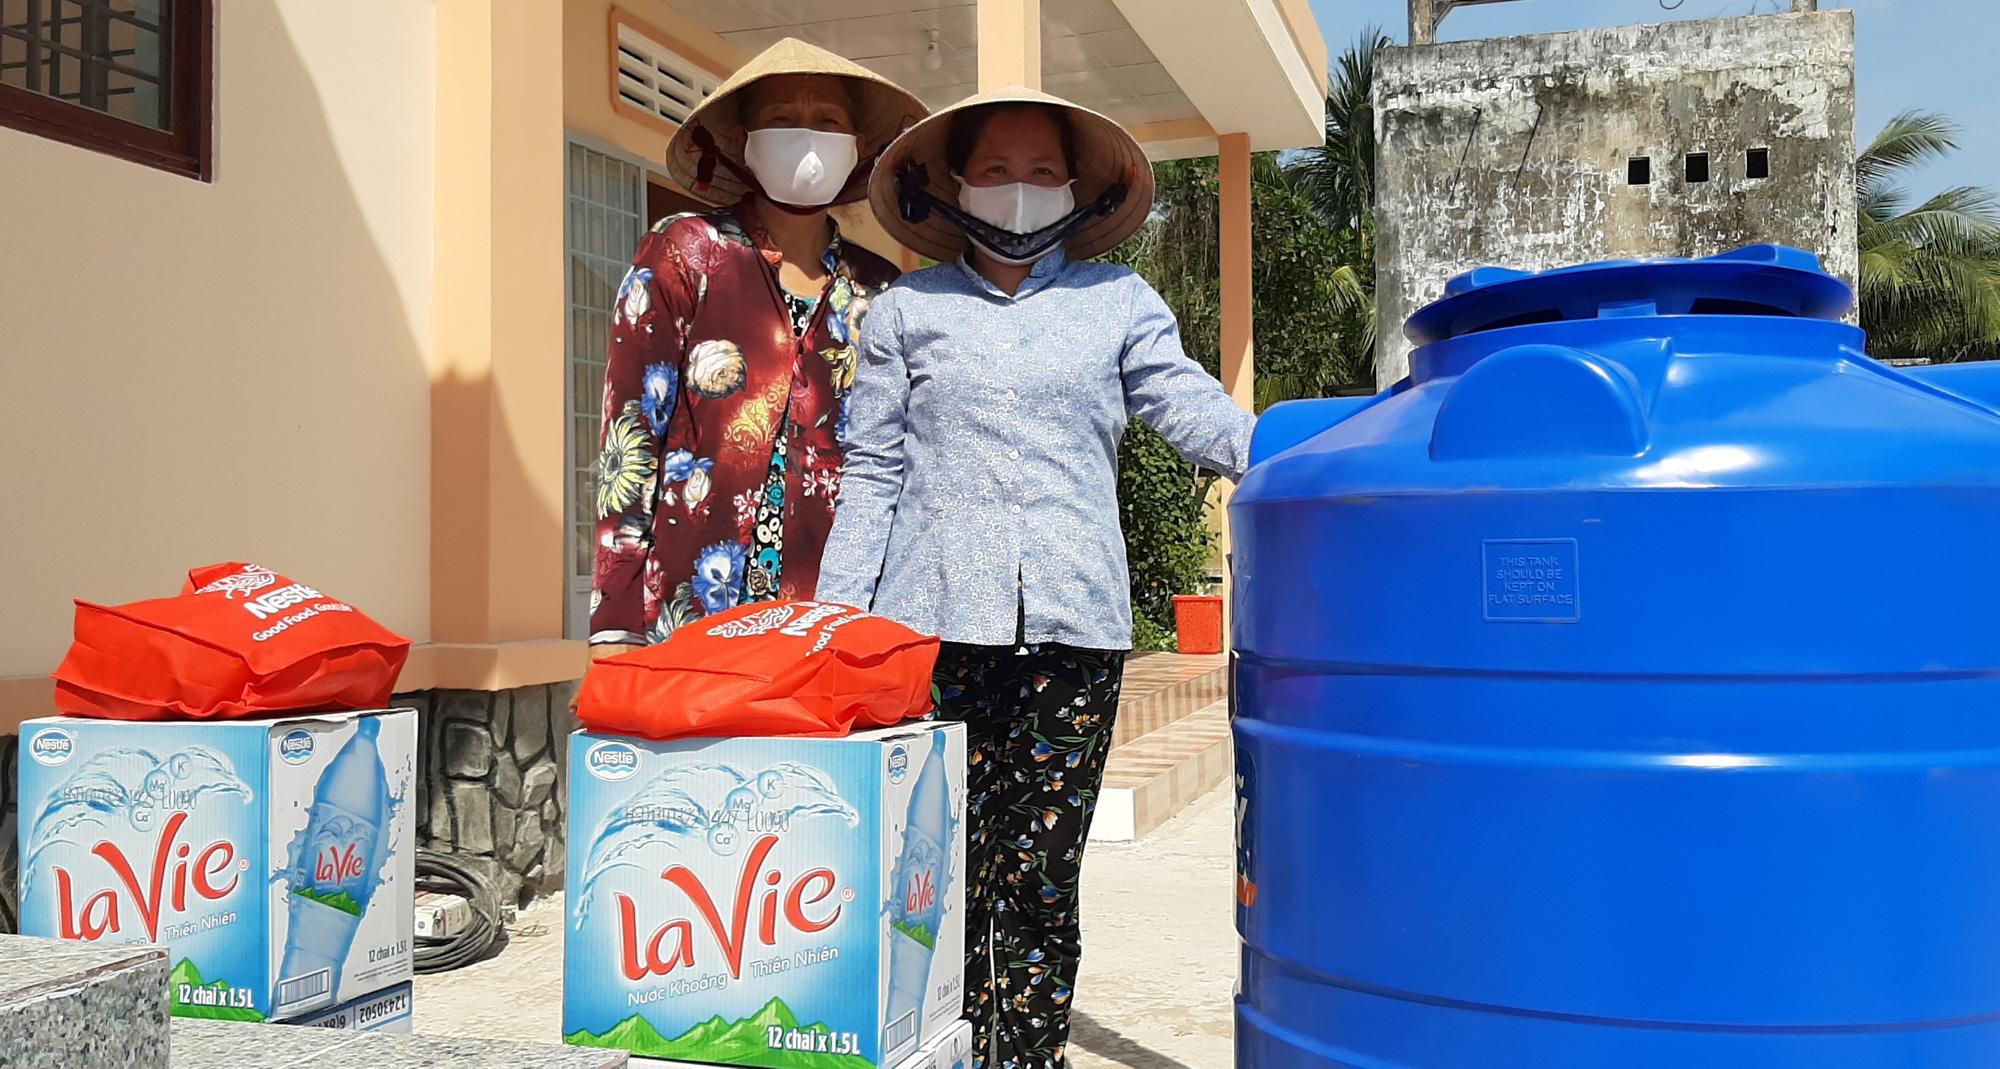 La Vie và Nestlé Việt Nam chung tay giảm thiệt hại từ hạn mặn - Ảnh 3.